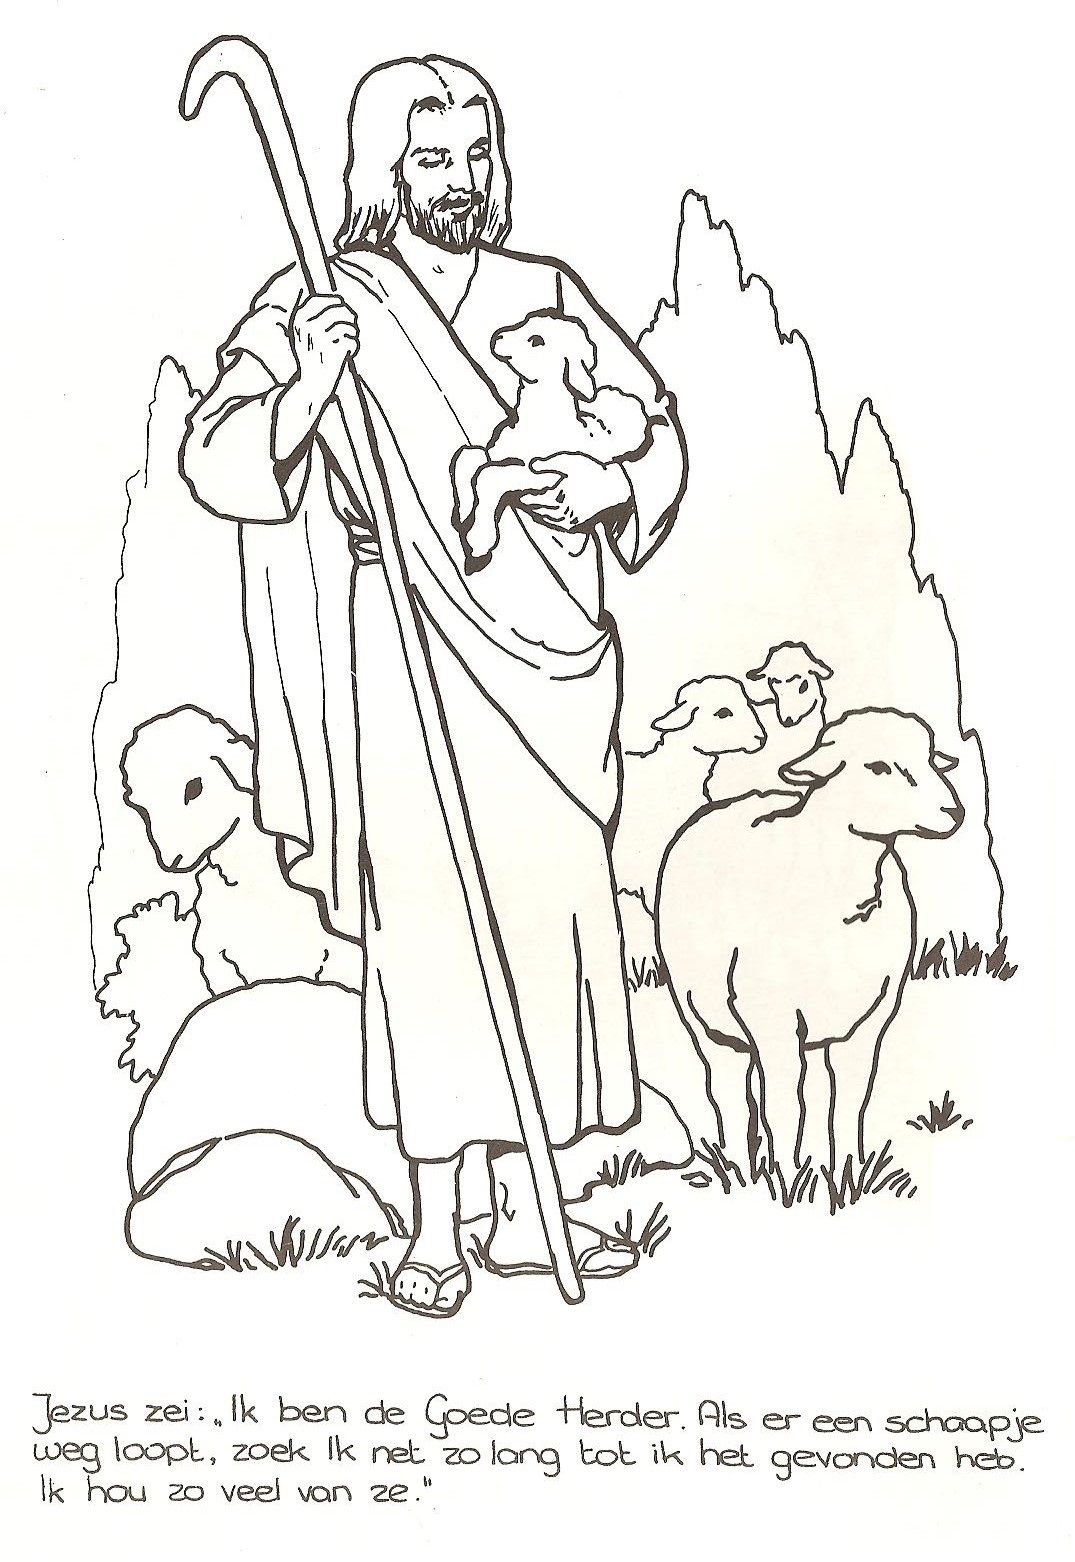 Jezus Is De Goede Herder Bijbel Kleurplaten Kleurboek Bijbel